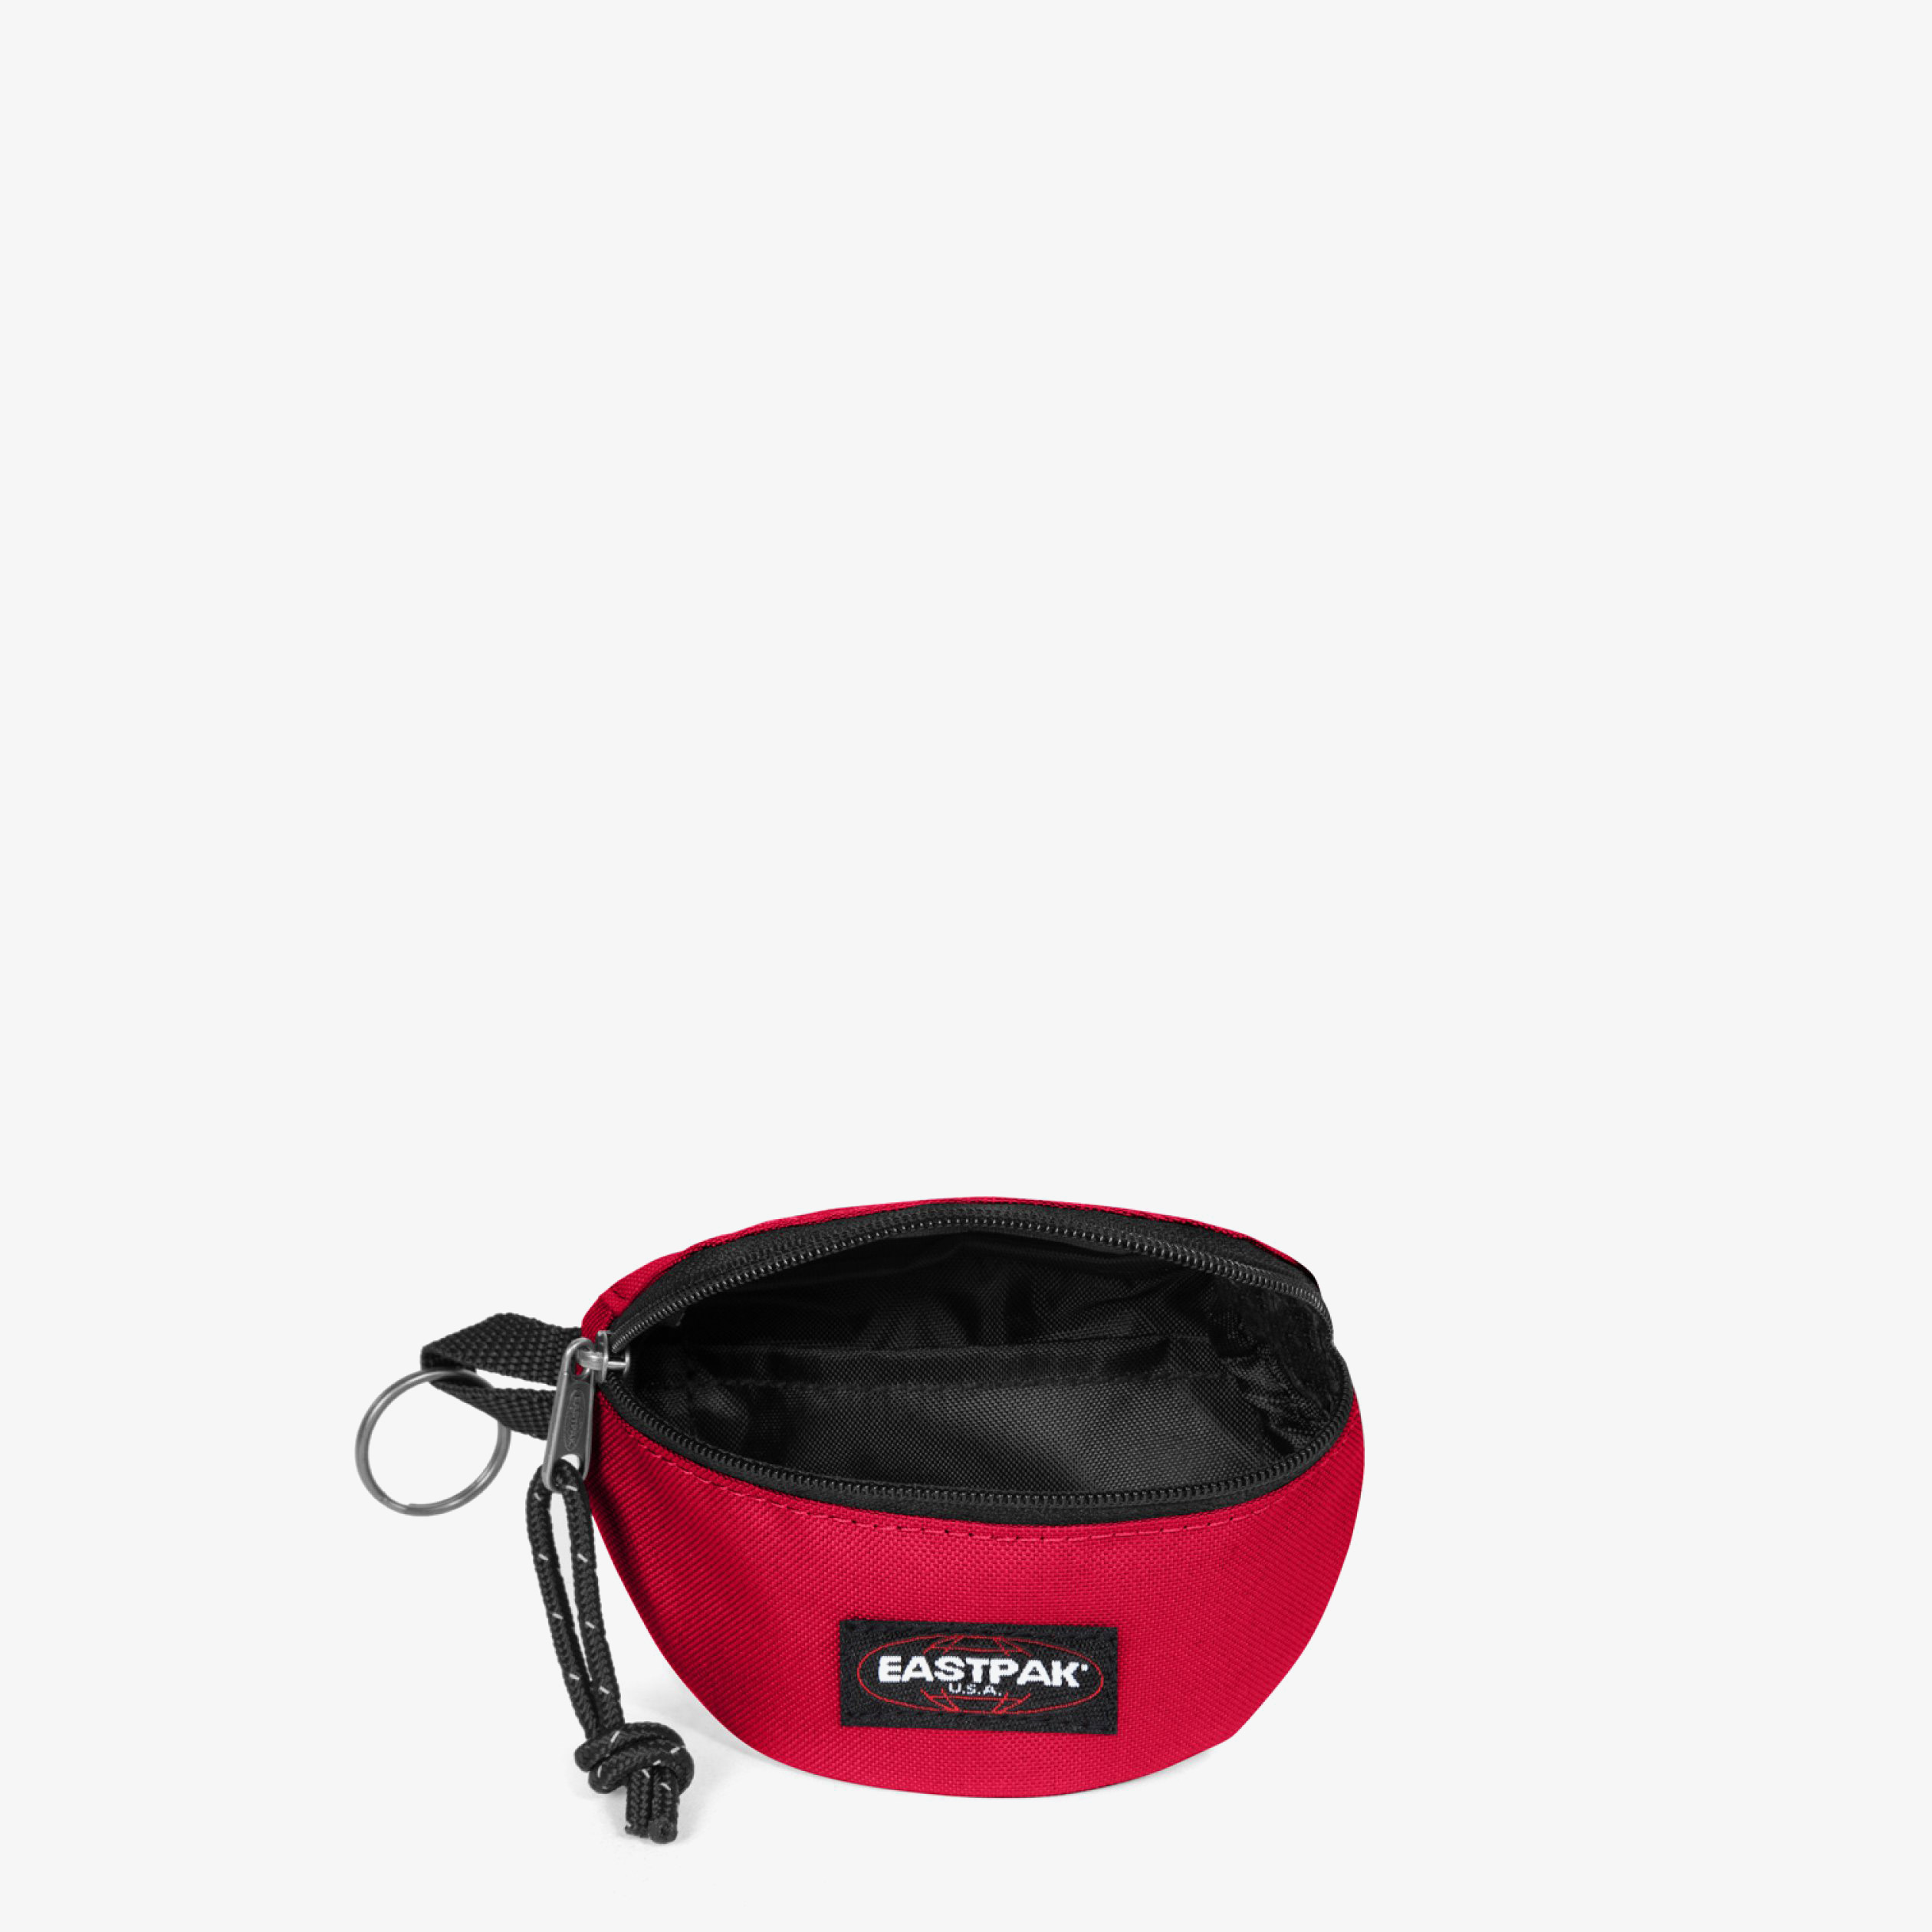 Eastpak Mini Springer Unisex Kırmızı Bel Çantası